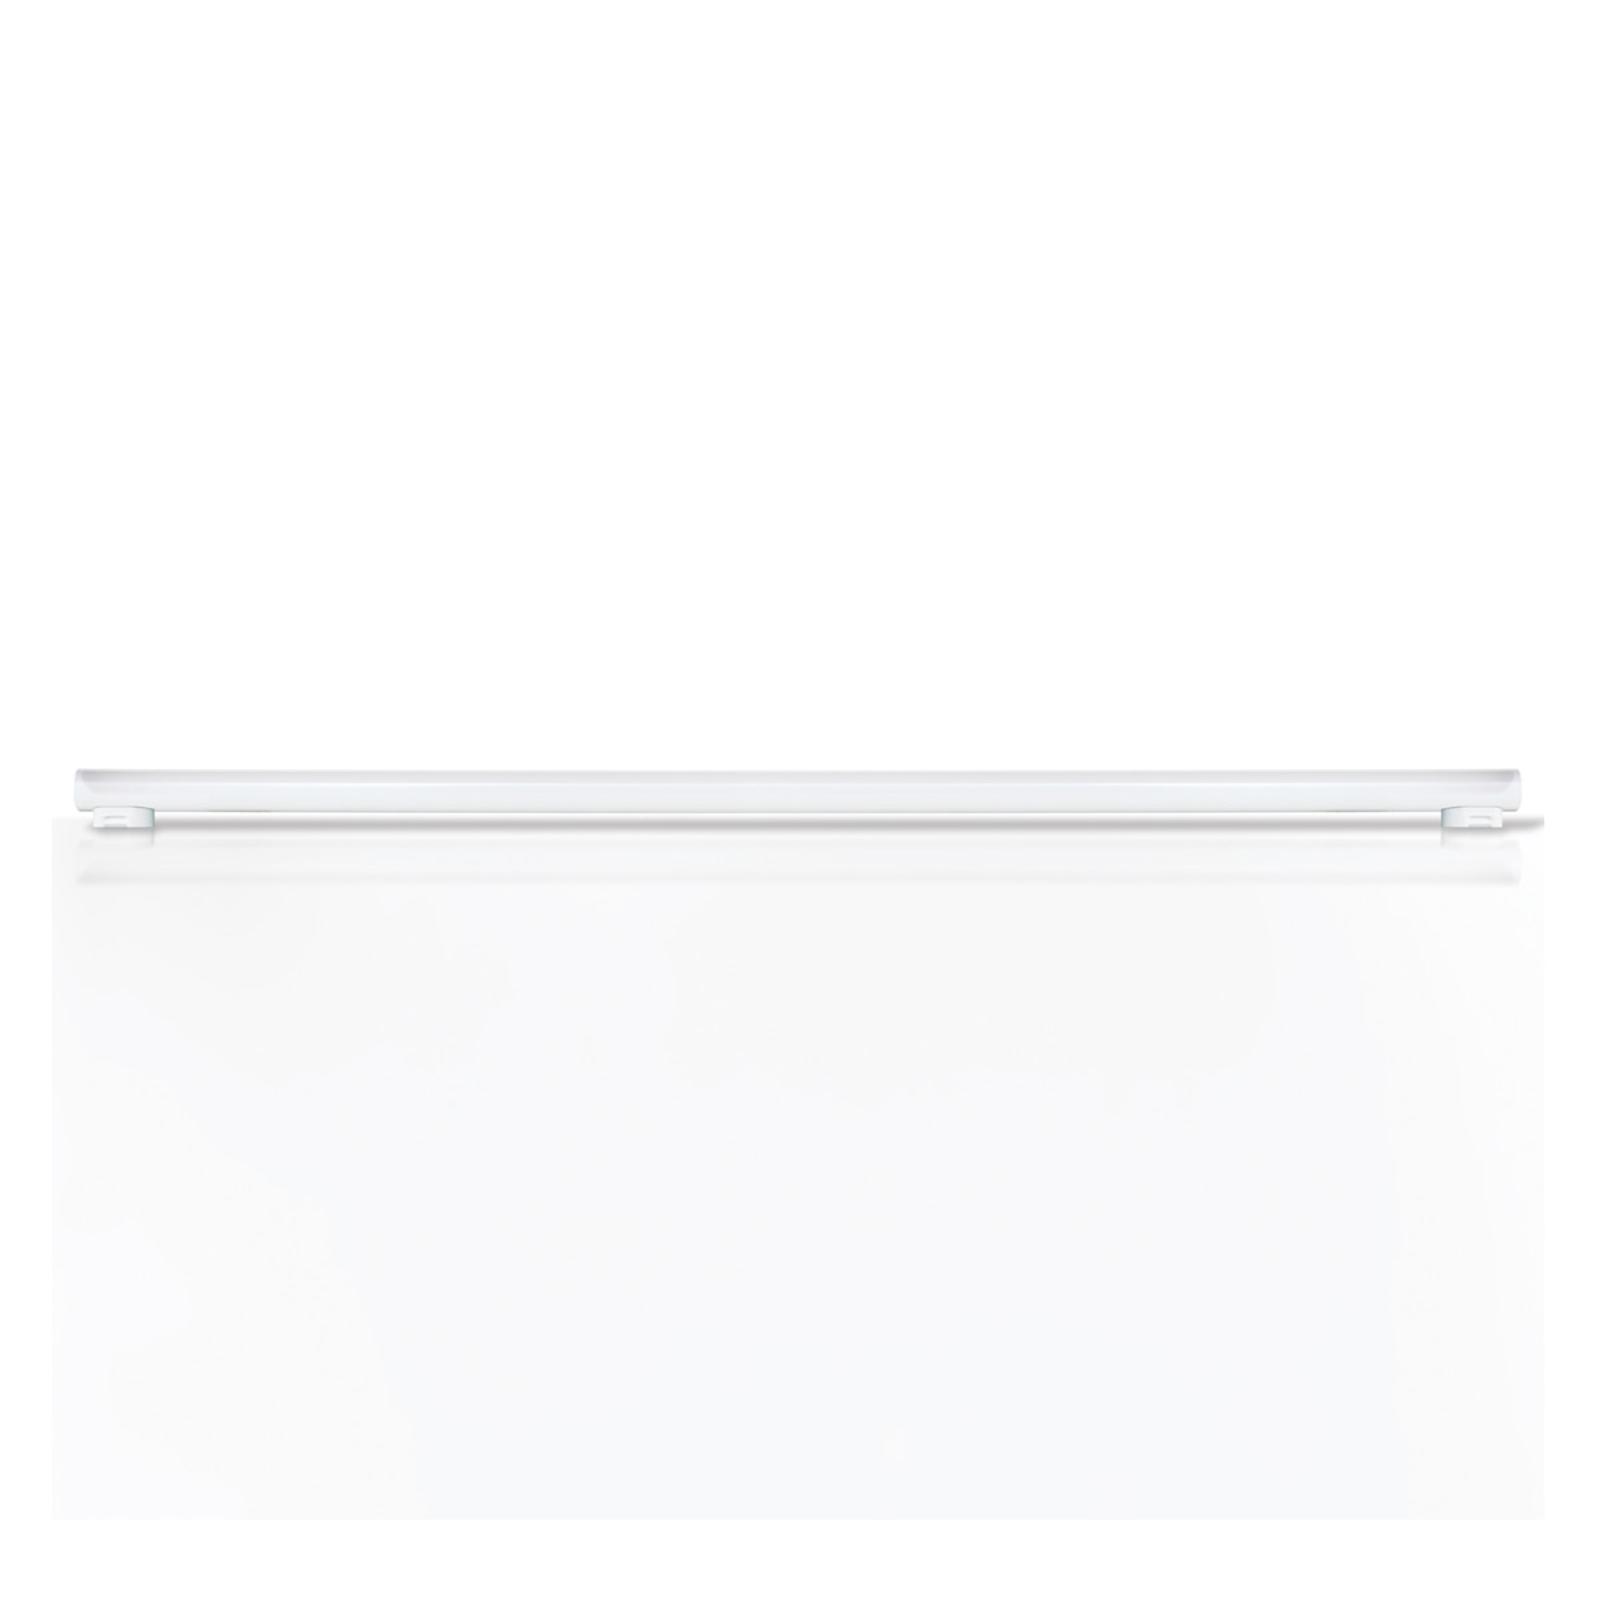 Lampadina LED lineare S14s 16W 827